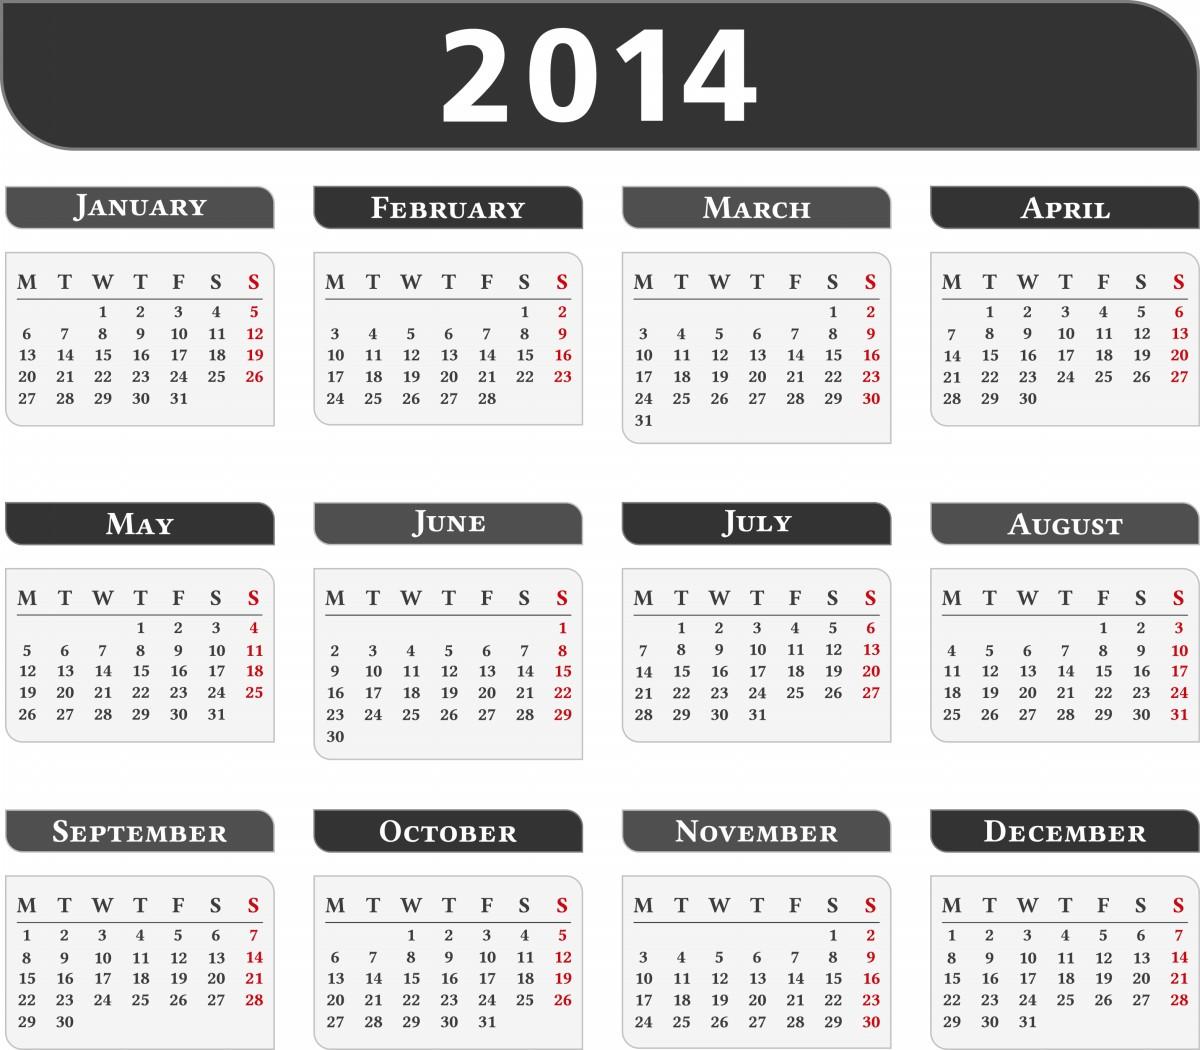 2014 Calendar All Months